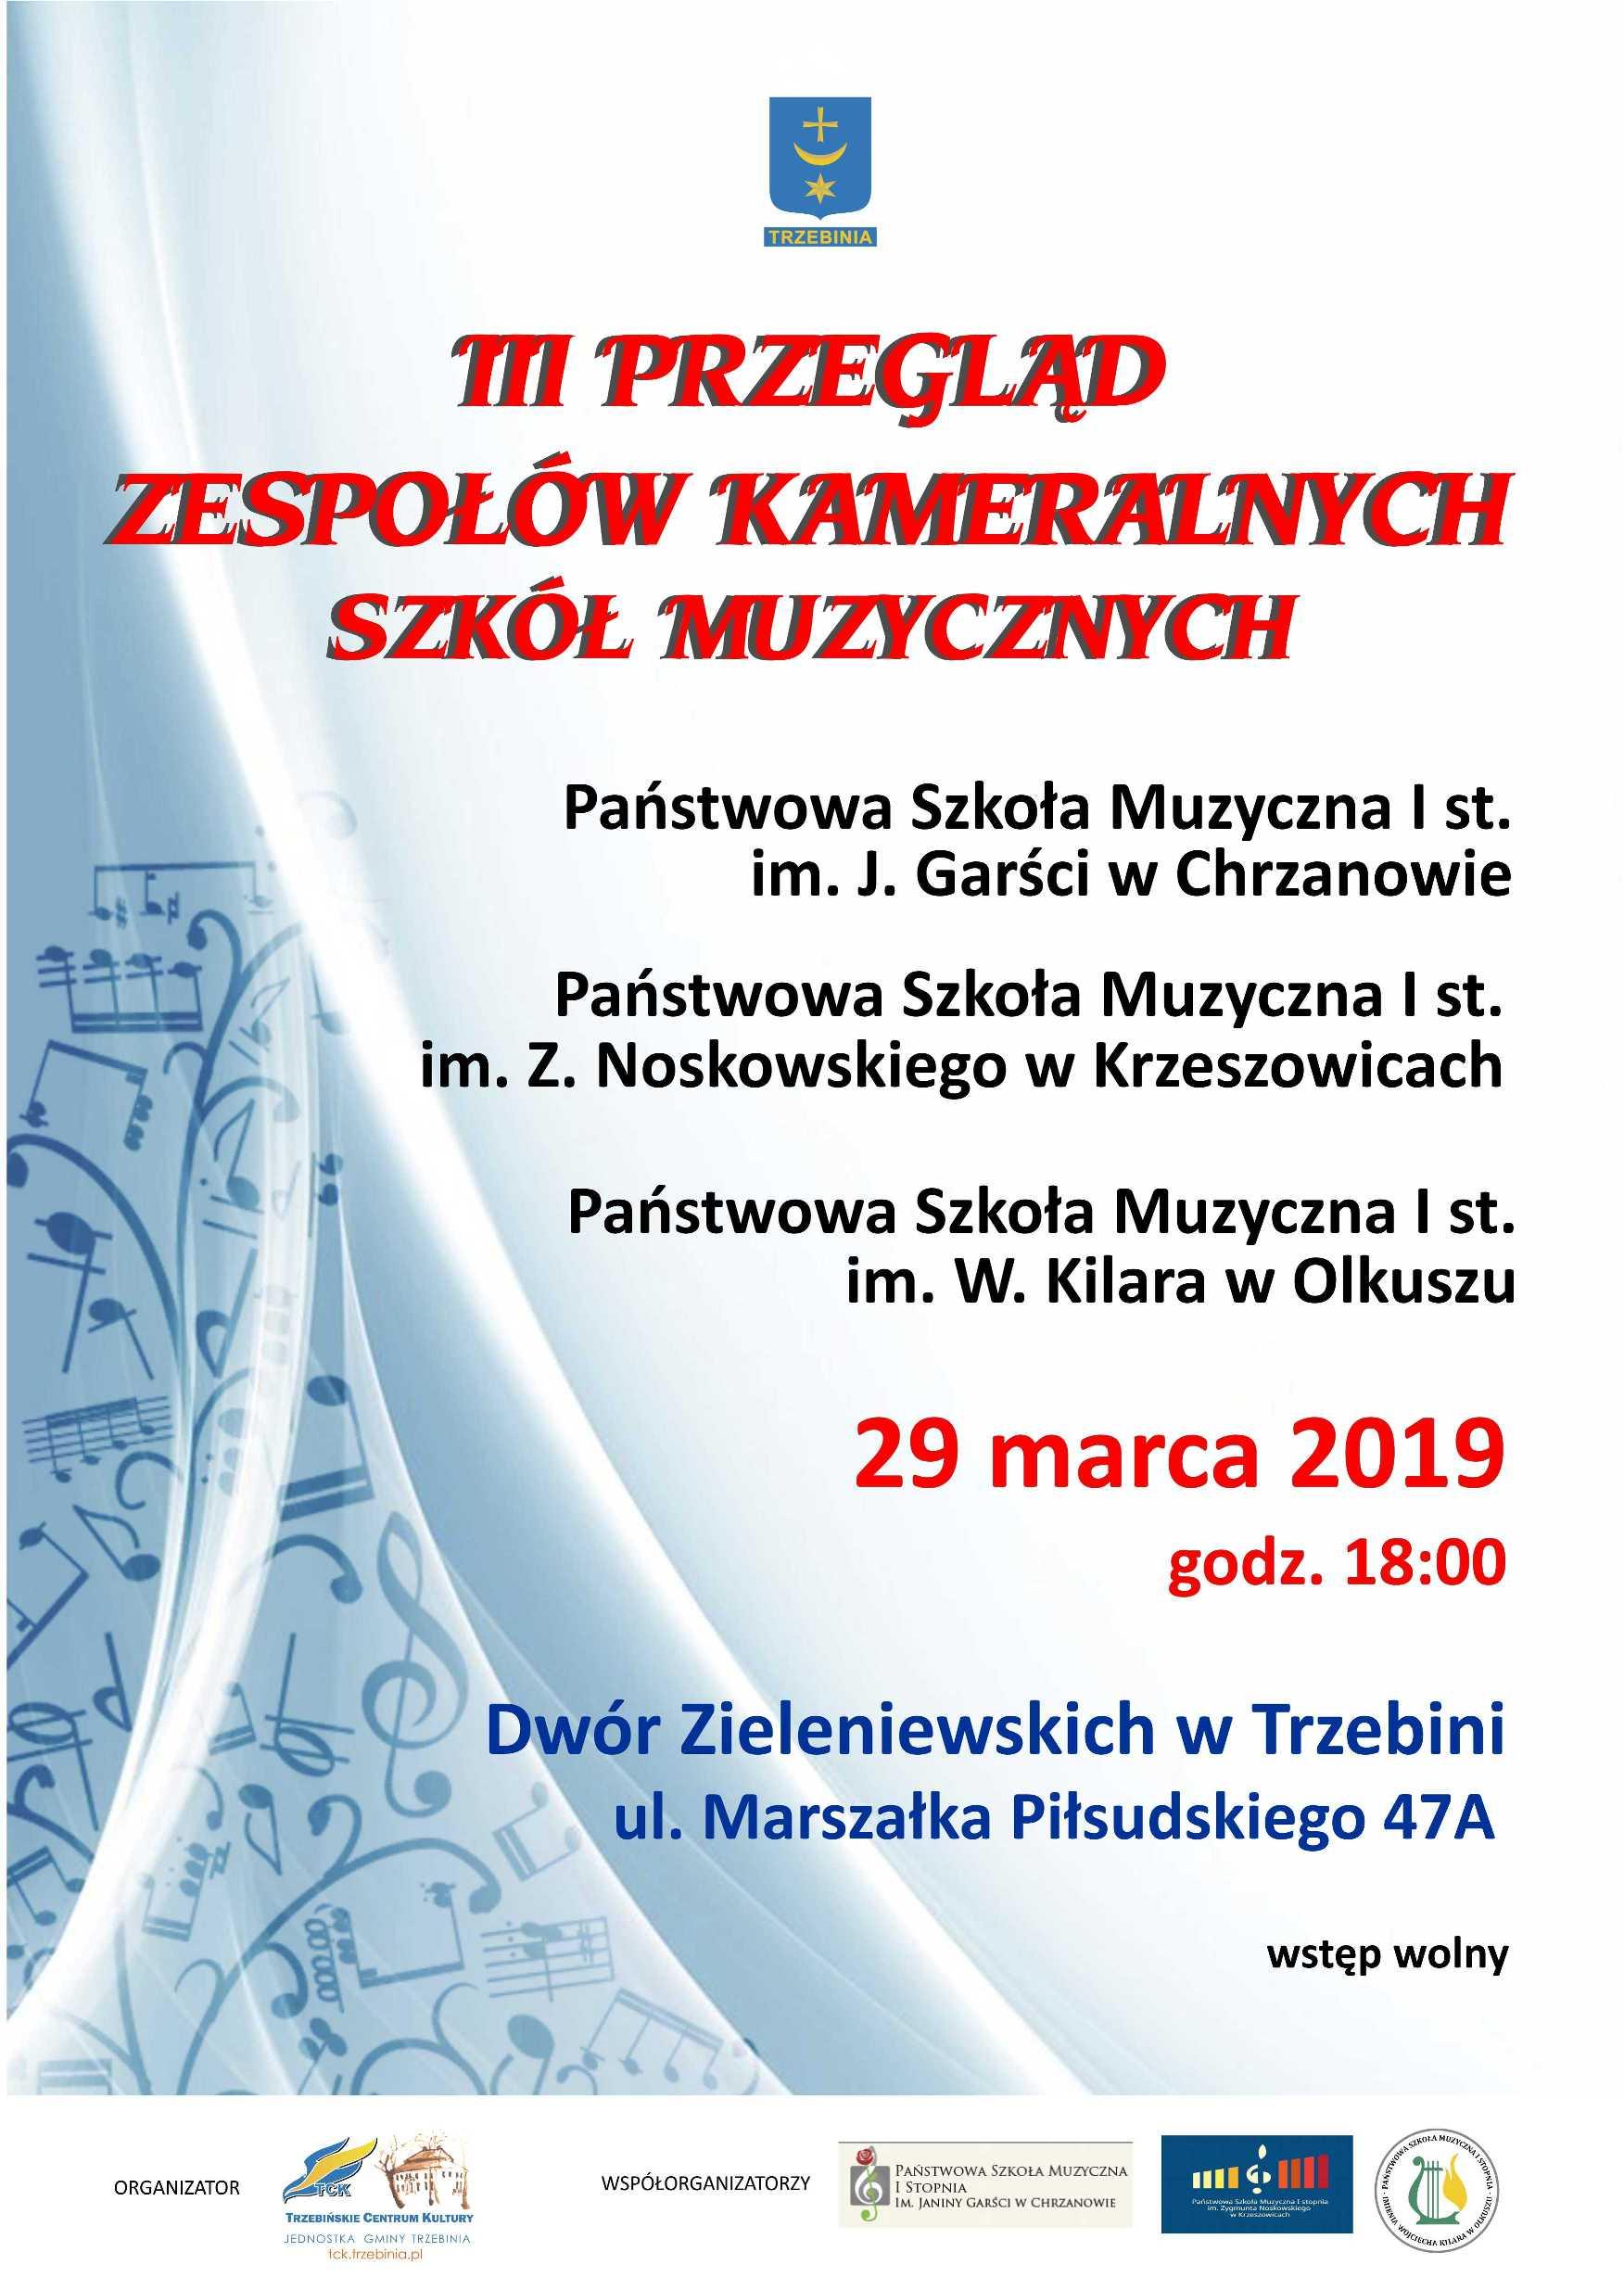 III Przegląd Zespołów Kameralnych Szkół Muzycznych I st.